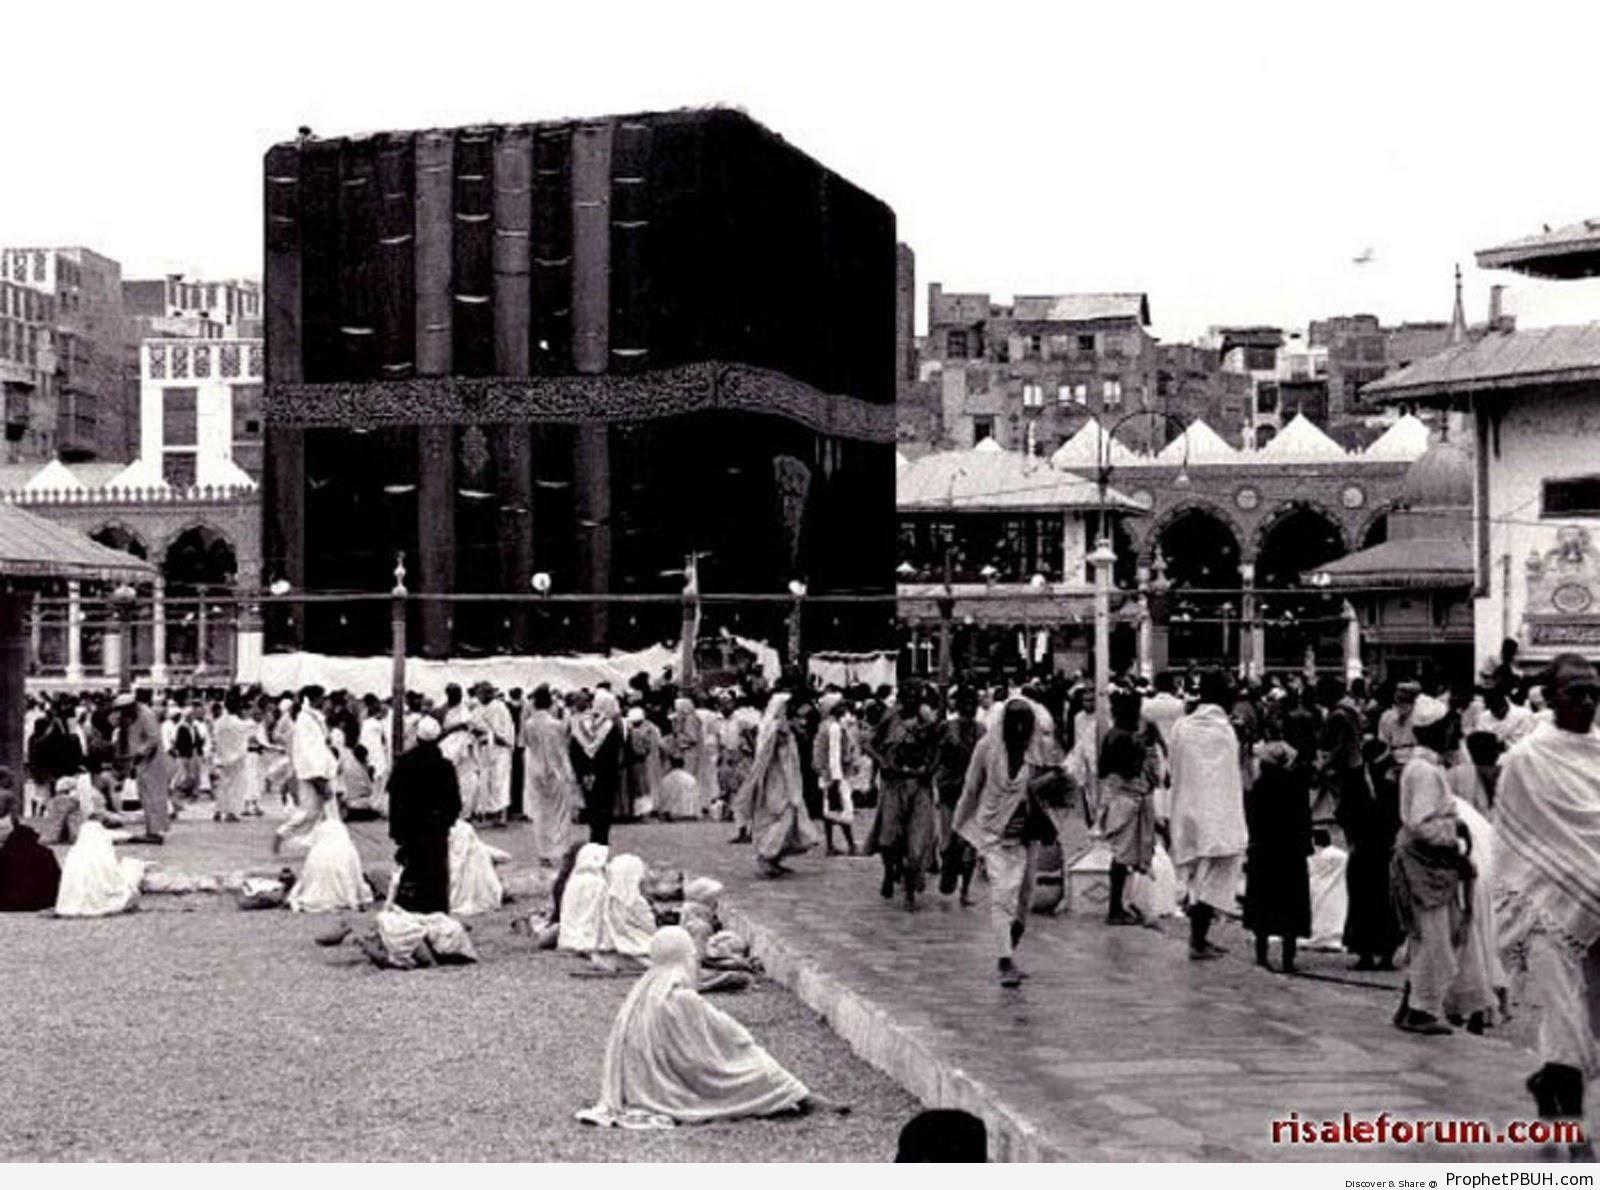 Old Photo of the Kaba in 1937 - al-Masjid al-Haram in Makkah, Saudi Arabia -Picture